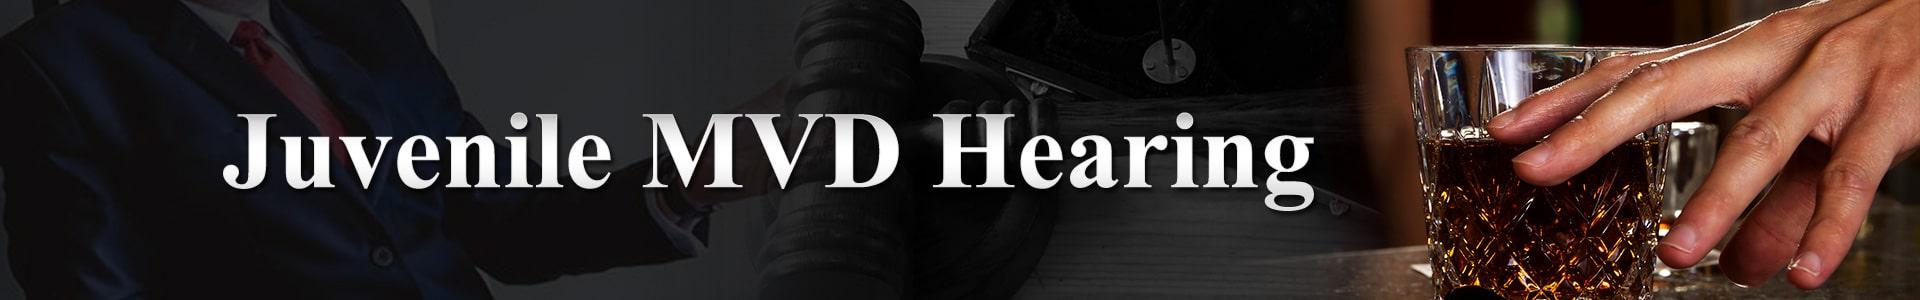 Juvenile-MVD-Hearing